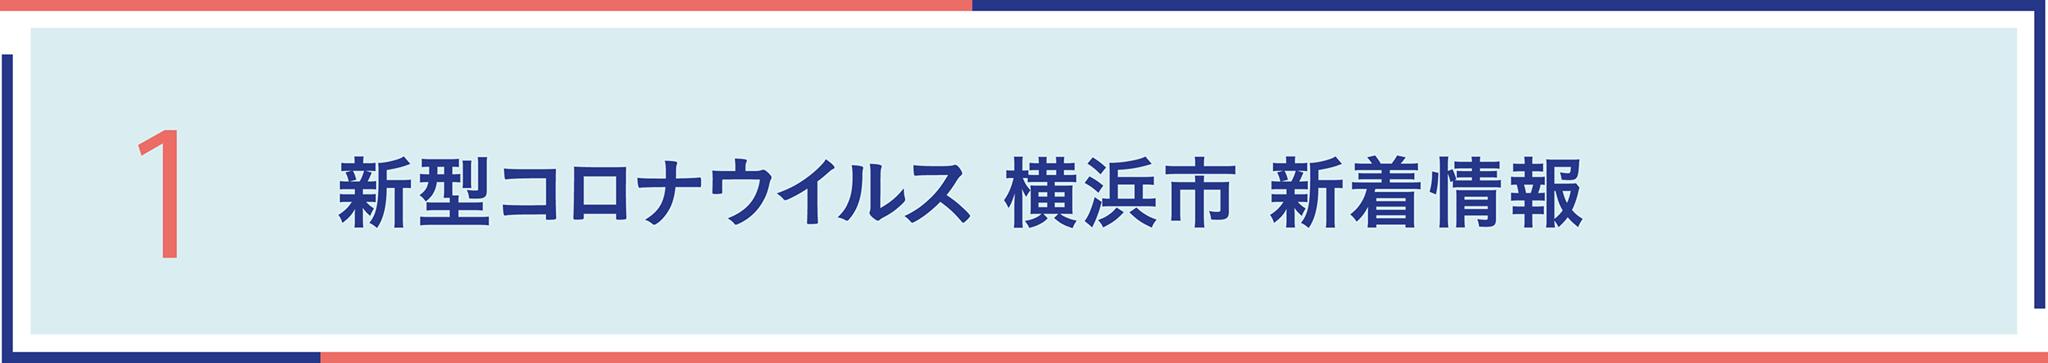 経済 コロナ ヨコハマ 新聞